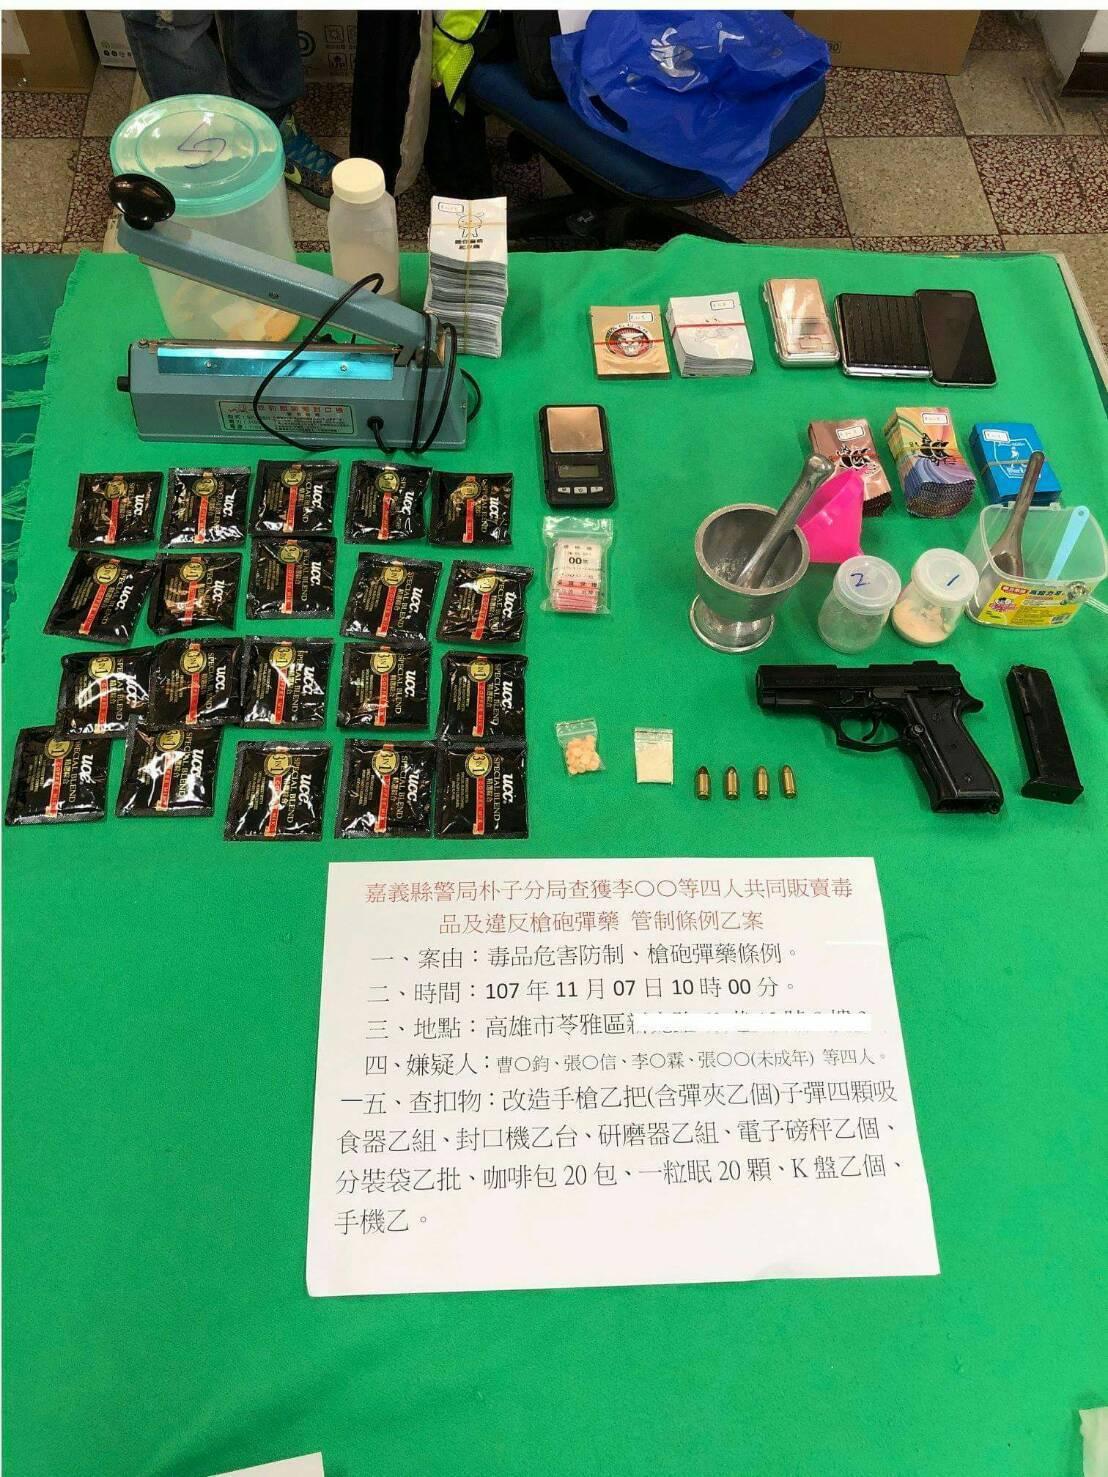 嘉義縣朴子警分局在高雄市破獲毒品分裝工廠,起獲改造槍彈及毒品。圖/警方提供